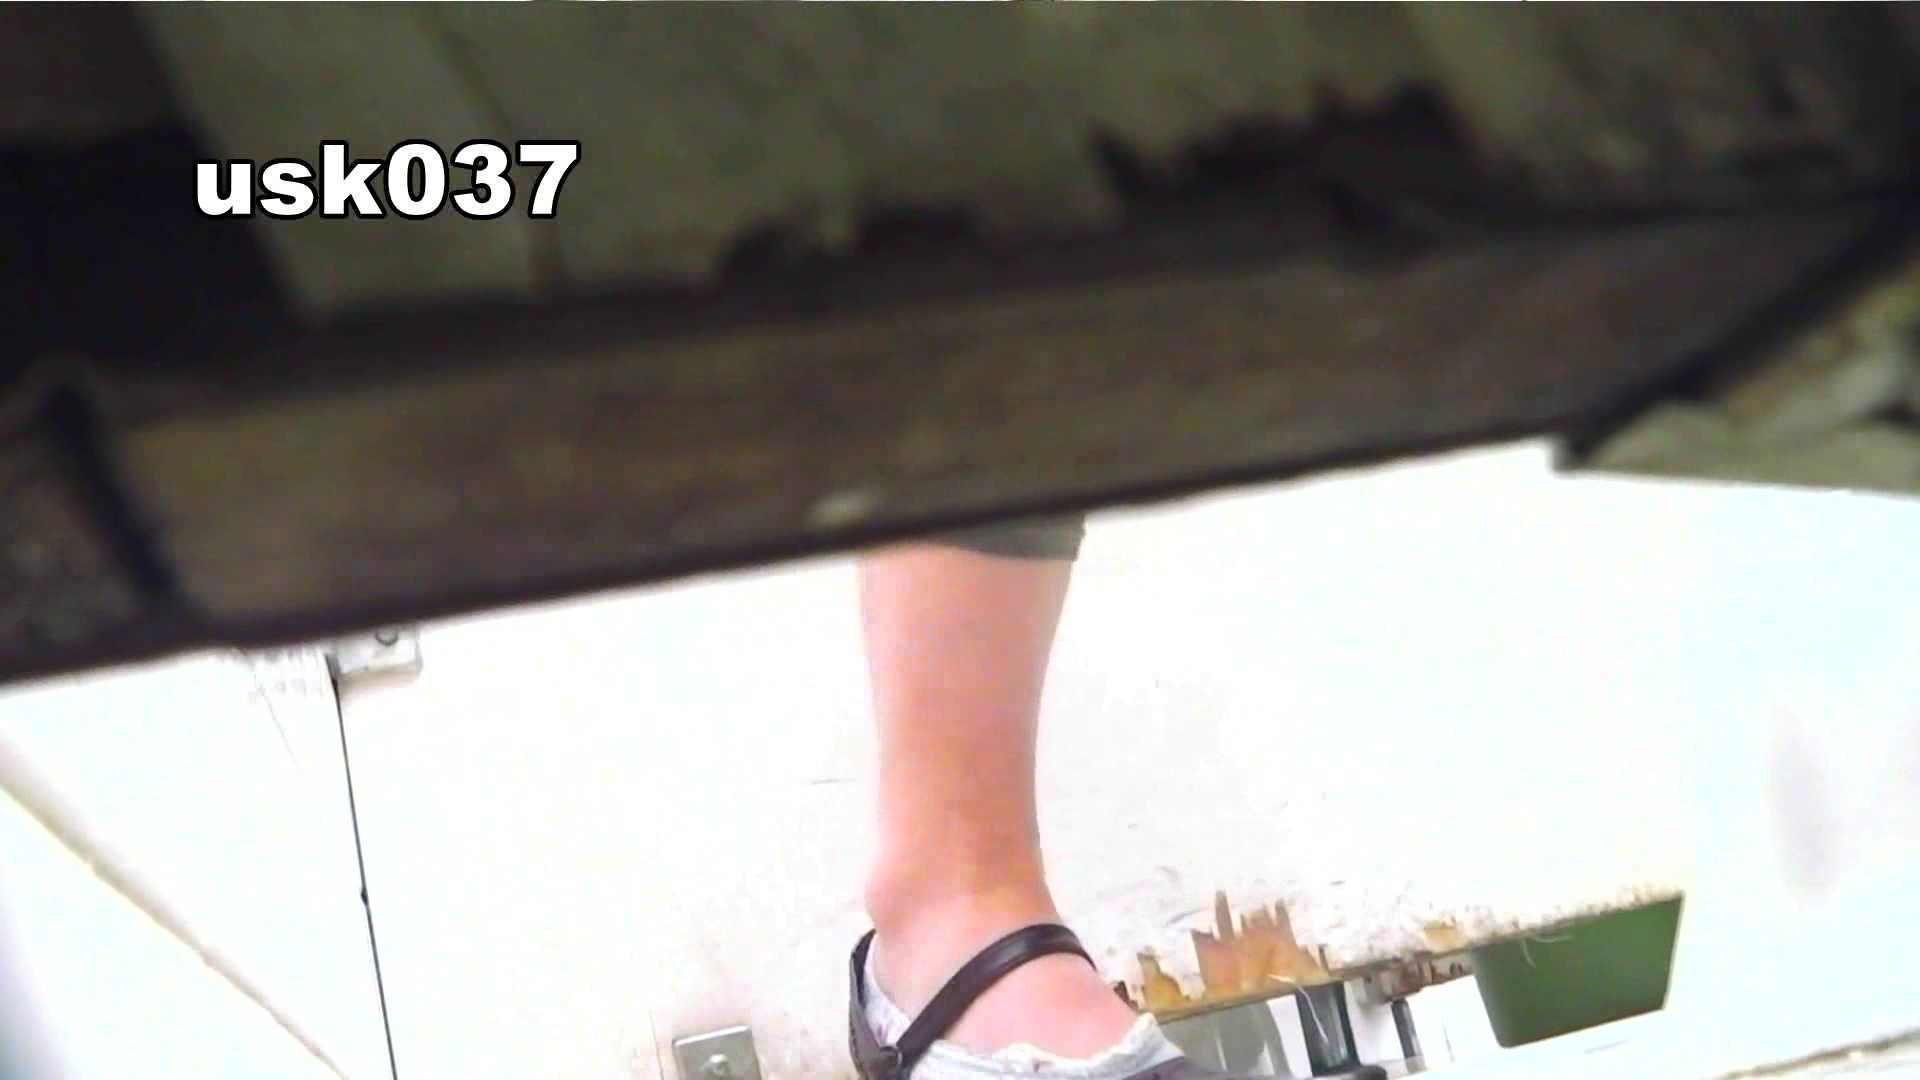 【美しき個室な世界】 vol.037 ひねり出す様子(フトイです) OLの実態 | 洗面所  90pic 69